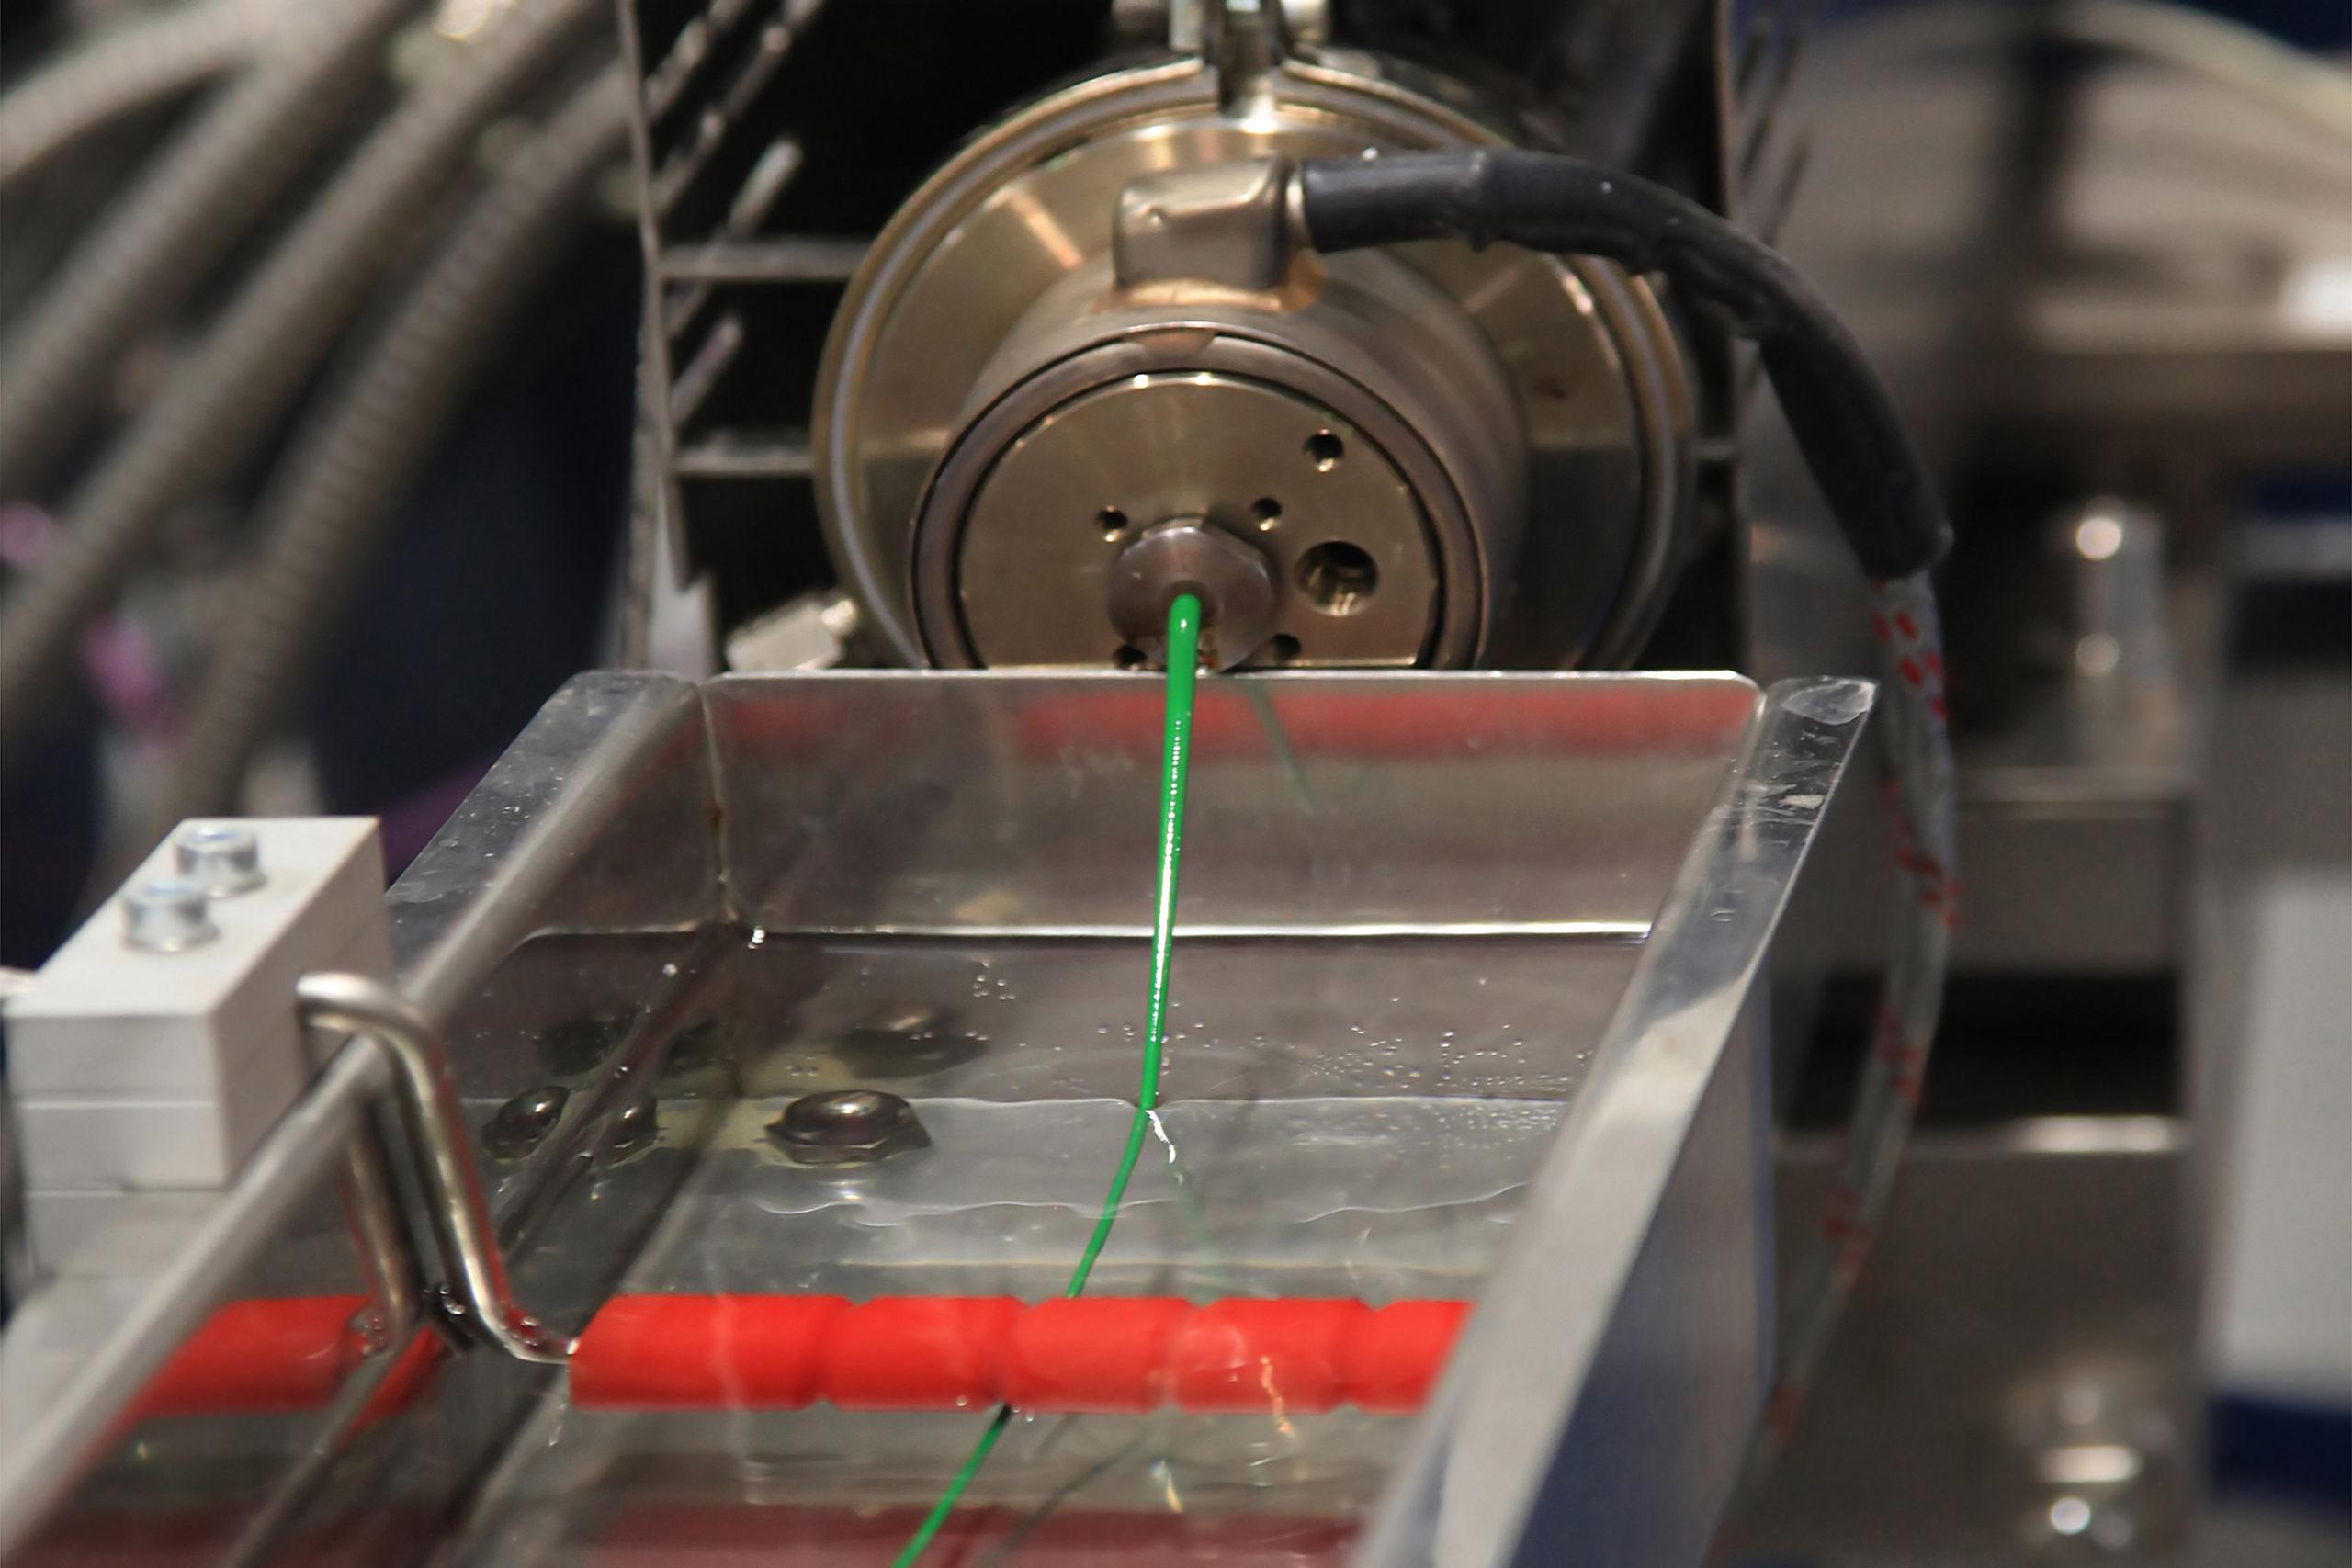 Continuous extrusion of plastic filament